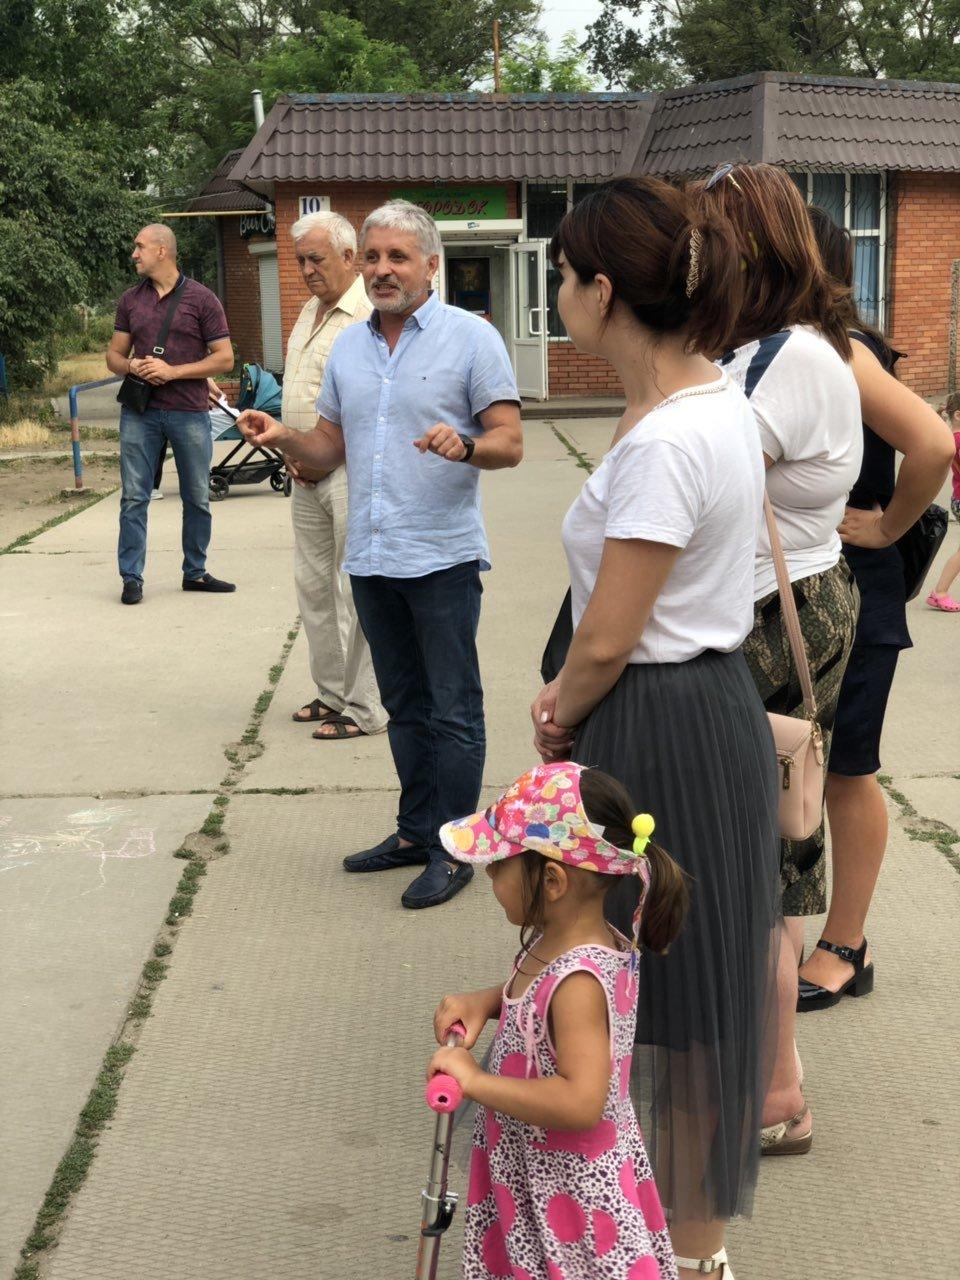 Юрий Щуклин: Бердянск и прилегающие к нему районы готовы к решительным переменам, фото-2